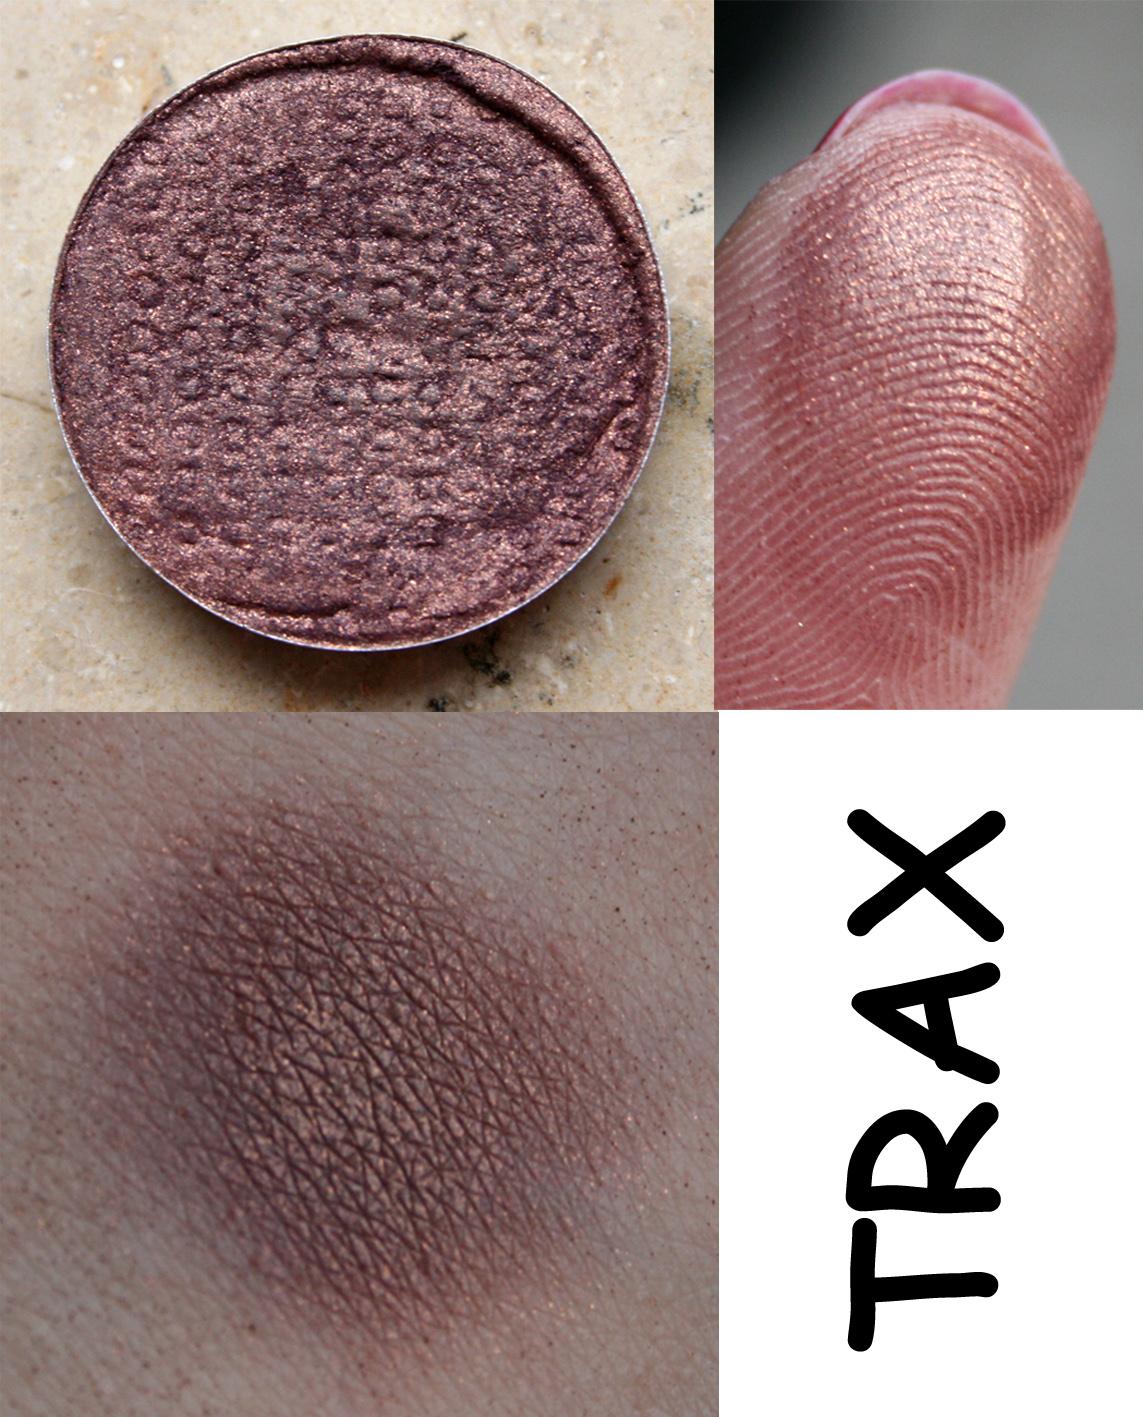 mac trax eyeshadow dupe - photo #1